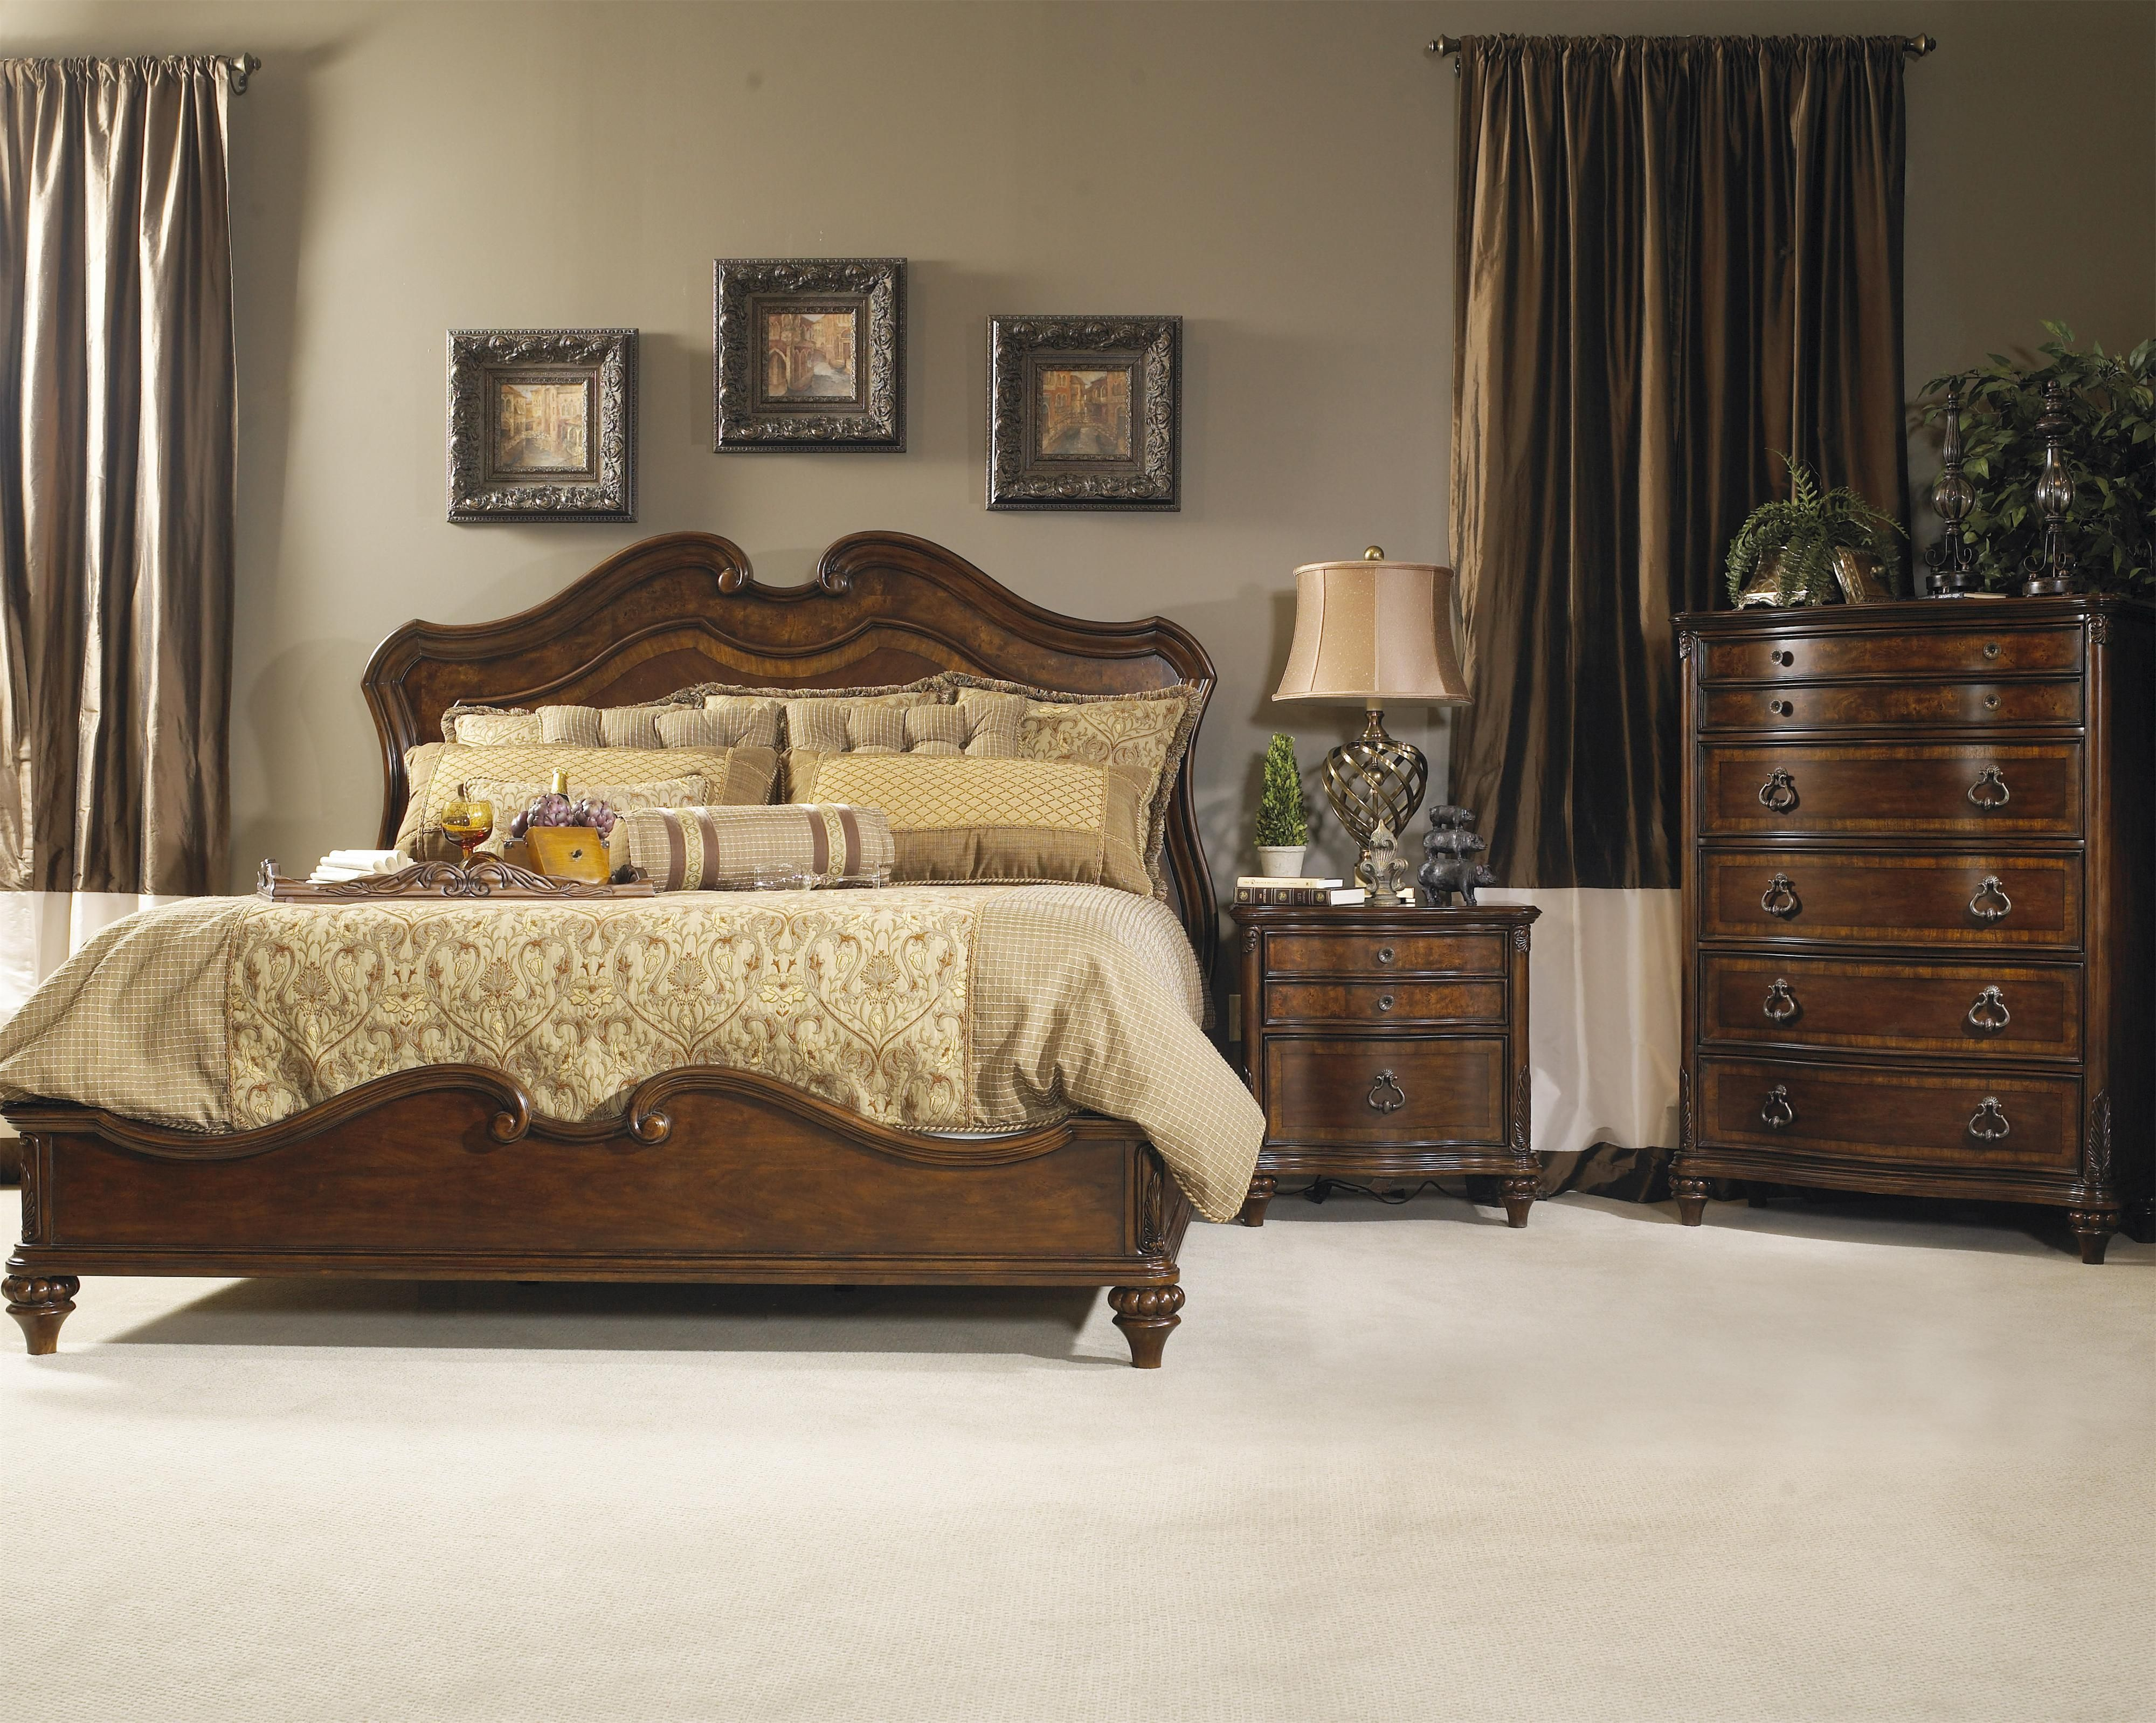 Fairmont Designs Bedroom Sets Beauteous Marisol 5 Piece Bedroom Setfairmont Designs  Home Ideas Decorating Inspiration